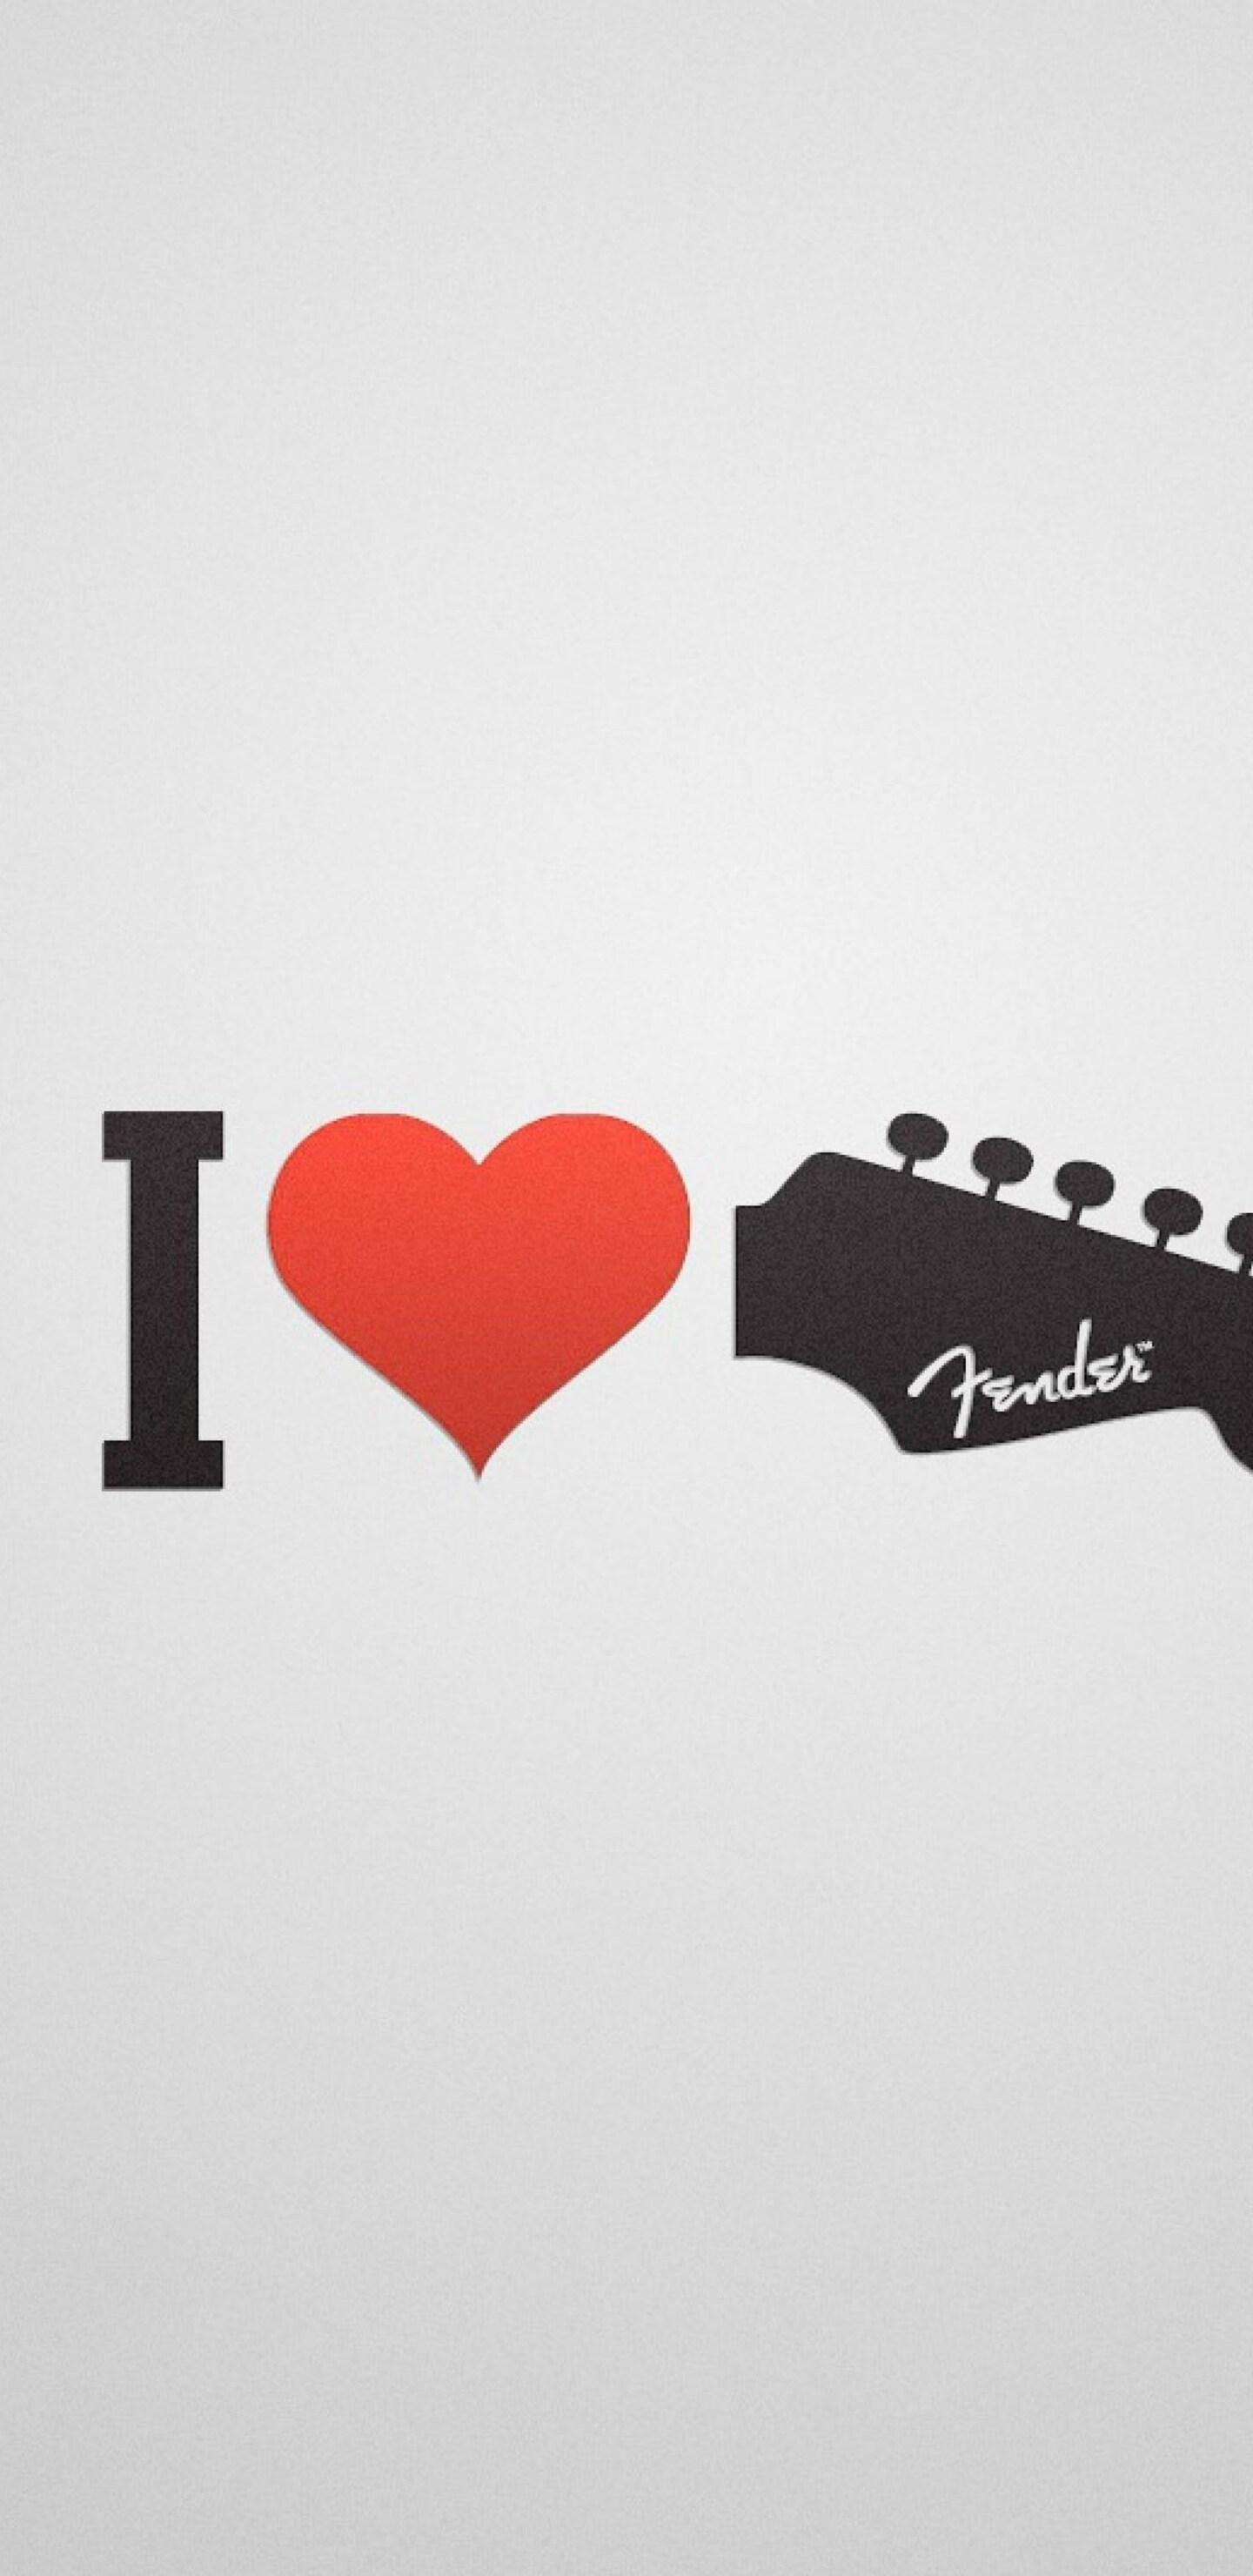 Wonderful Wallpaper Love Guitar - i-love-guitar-1440x2960  Pictures_70210.jpg